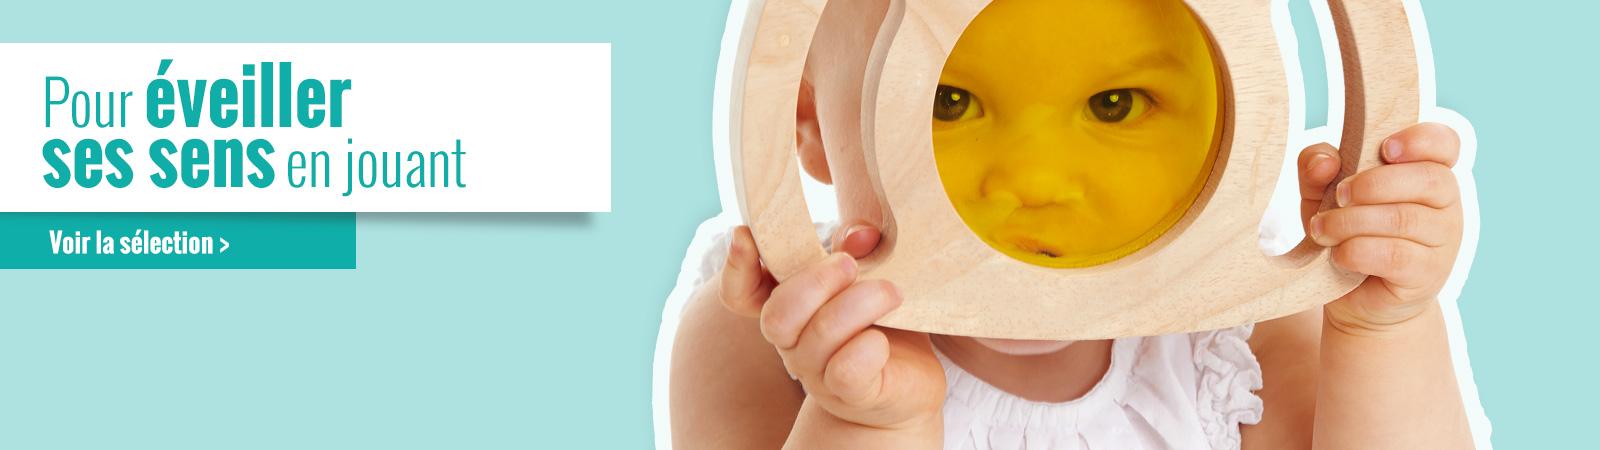 La sélection Wesco de jeux et jouets pour l'éveil sensoriel des bébés